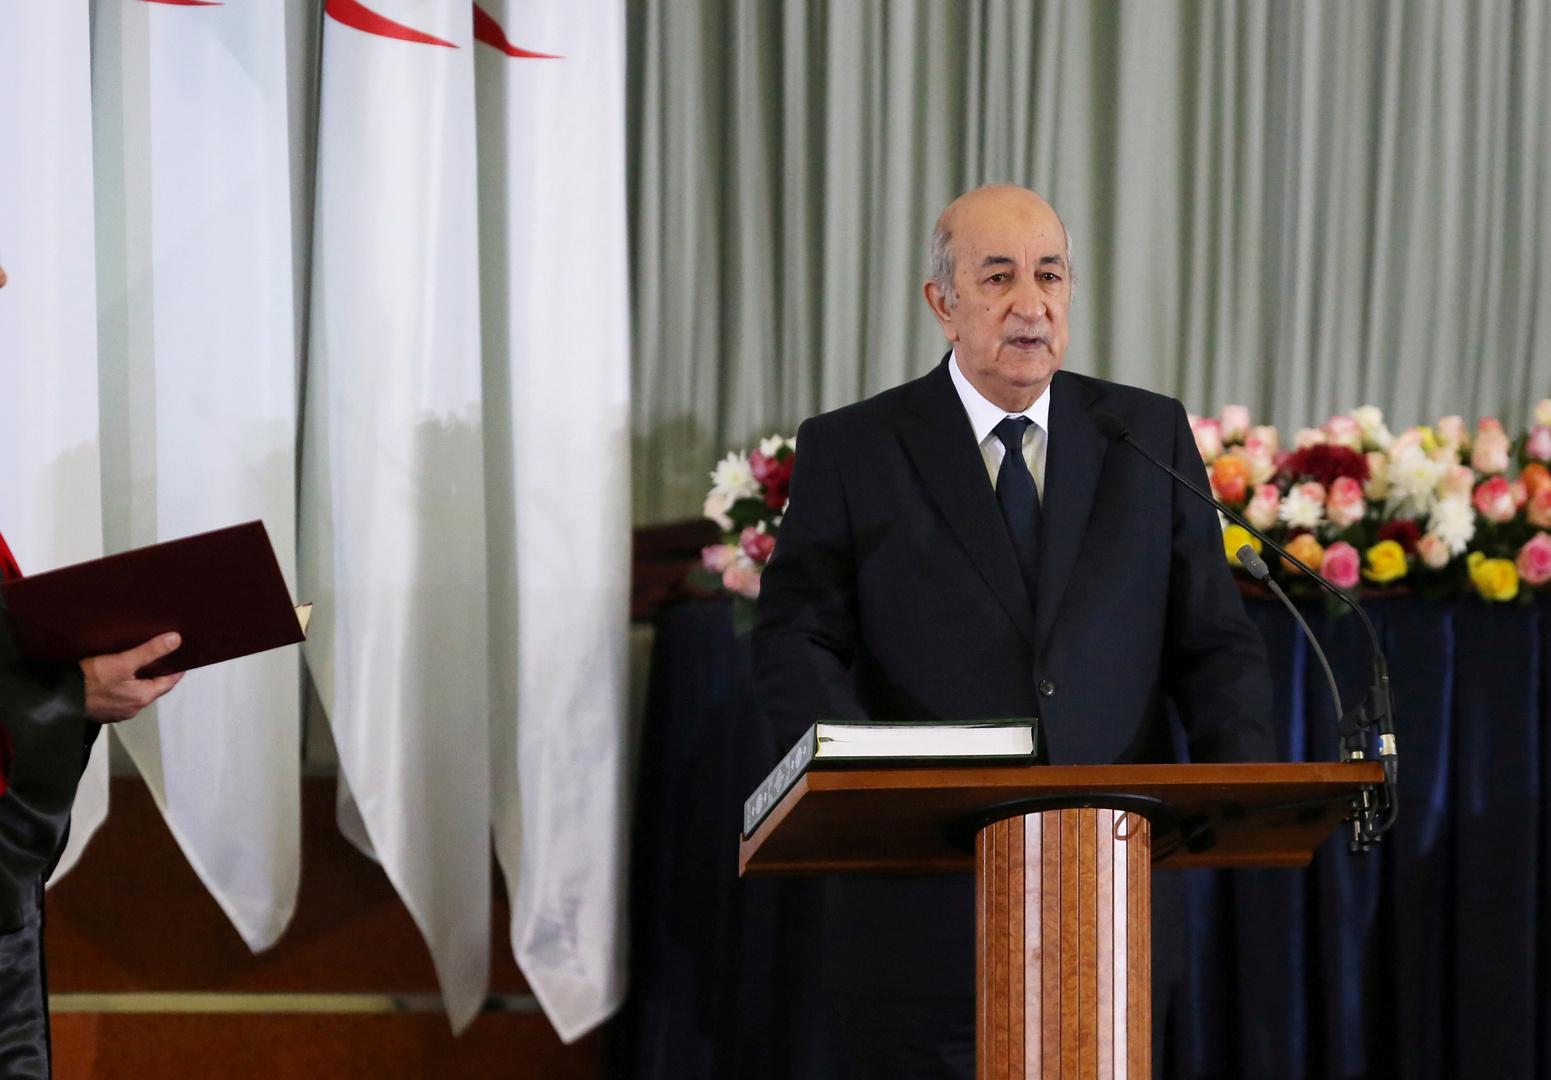 تبون: هناك ثورة مضادة بالتواطؤ مع رموز النظام الجزائري السابق